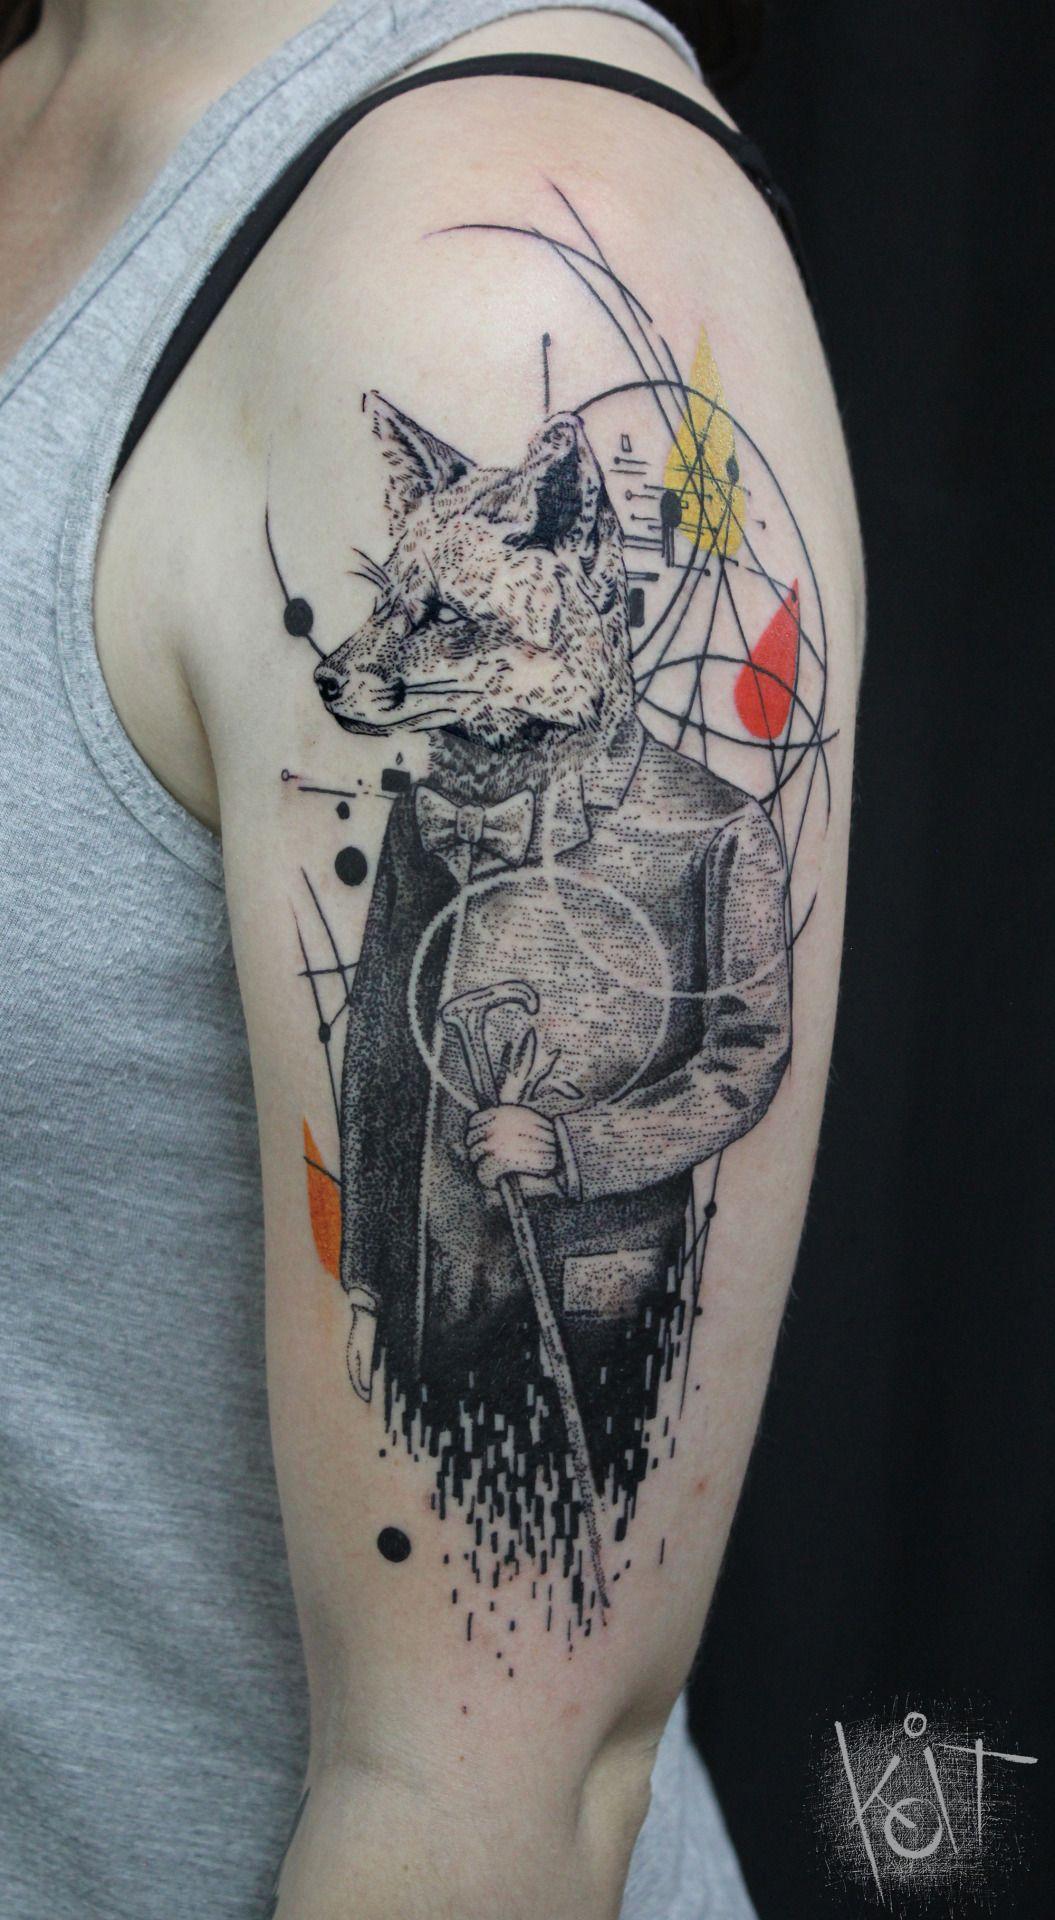 Koit Tattoo Berlin Fox Tattoo Graphic Style Inked Arm Photoshop Style Tattoo Tattoo Ideas Inspiration Cool Tat Fox Tattoo Tattoos Body Art Tattoos